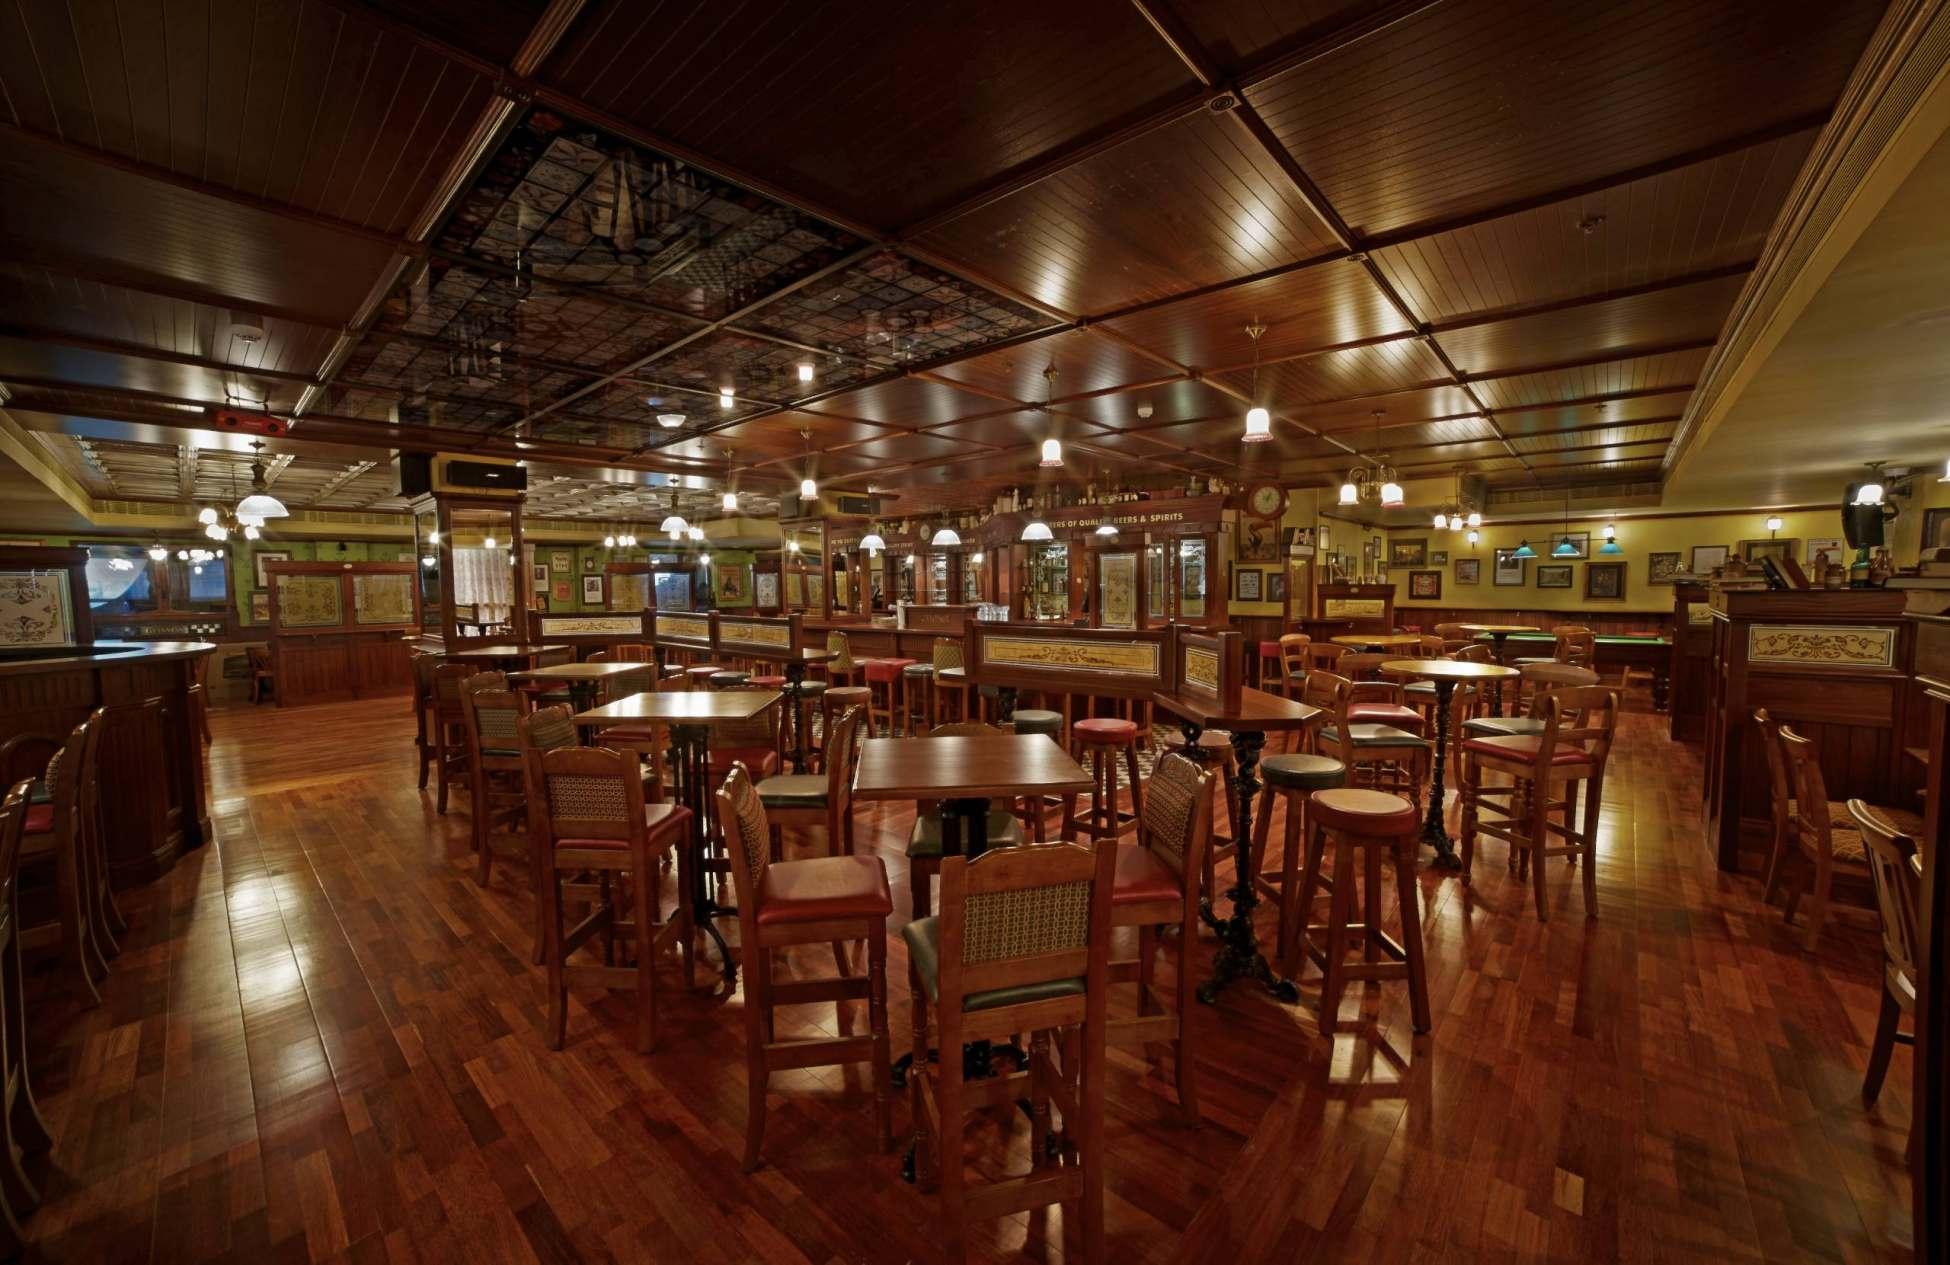 pub builders india ol irish pubs irish pub company and irish pub design ol irish pubs. Black Bedroom Furniture Sets. Home Design Ideas